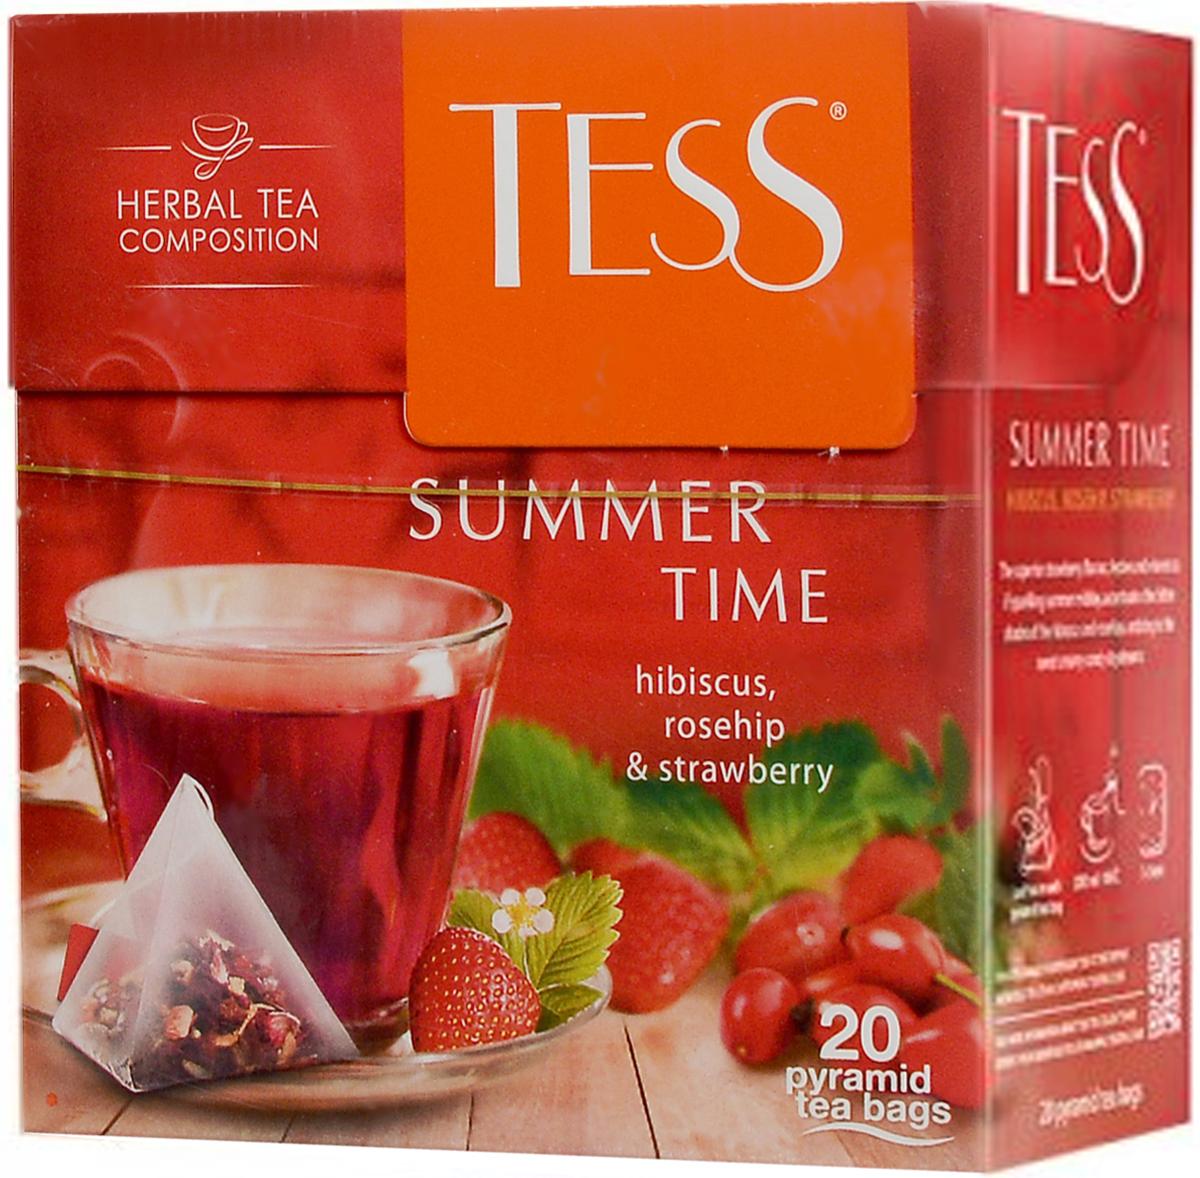 Tess Summer Time травяной чай с гибискусом, шиповником и клубникой в пирамидках, 20 шт черный гречневый чай органический горький гречишный чай здравоохранение травяной чай высшего качества чай травяной чай